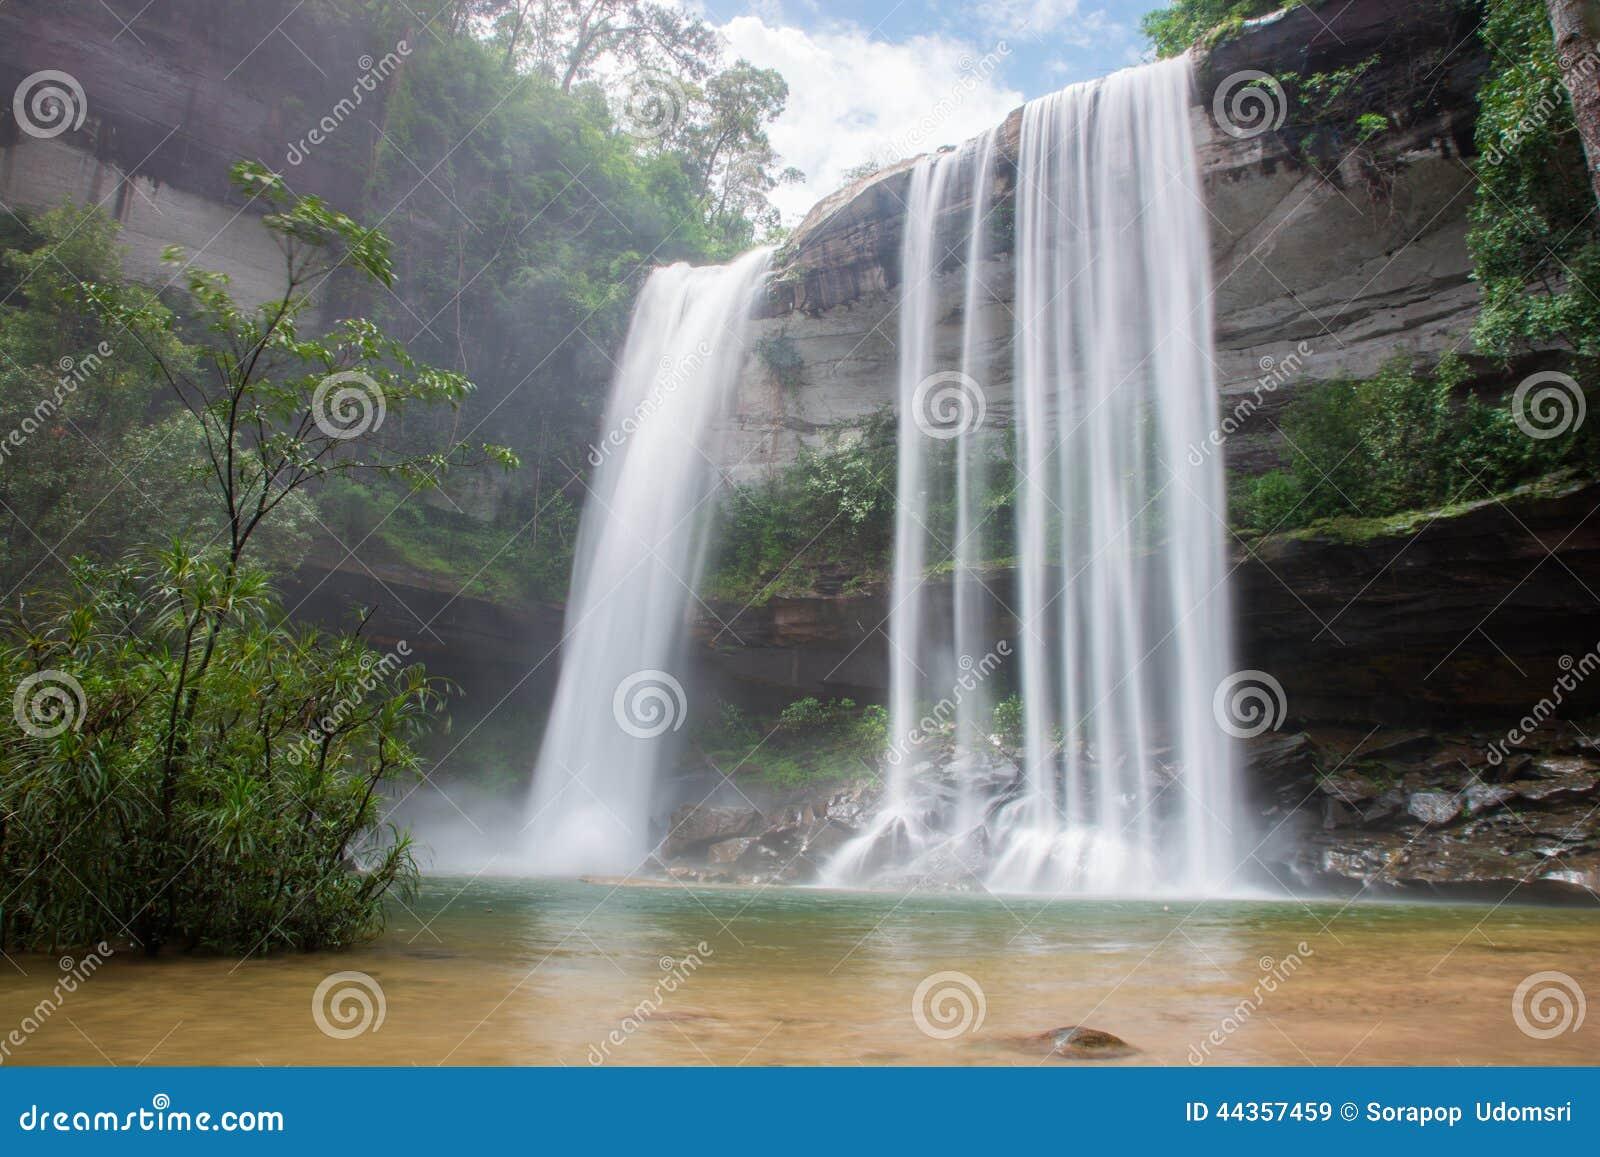 Cascata bella in natura selvaggia